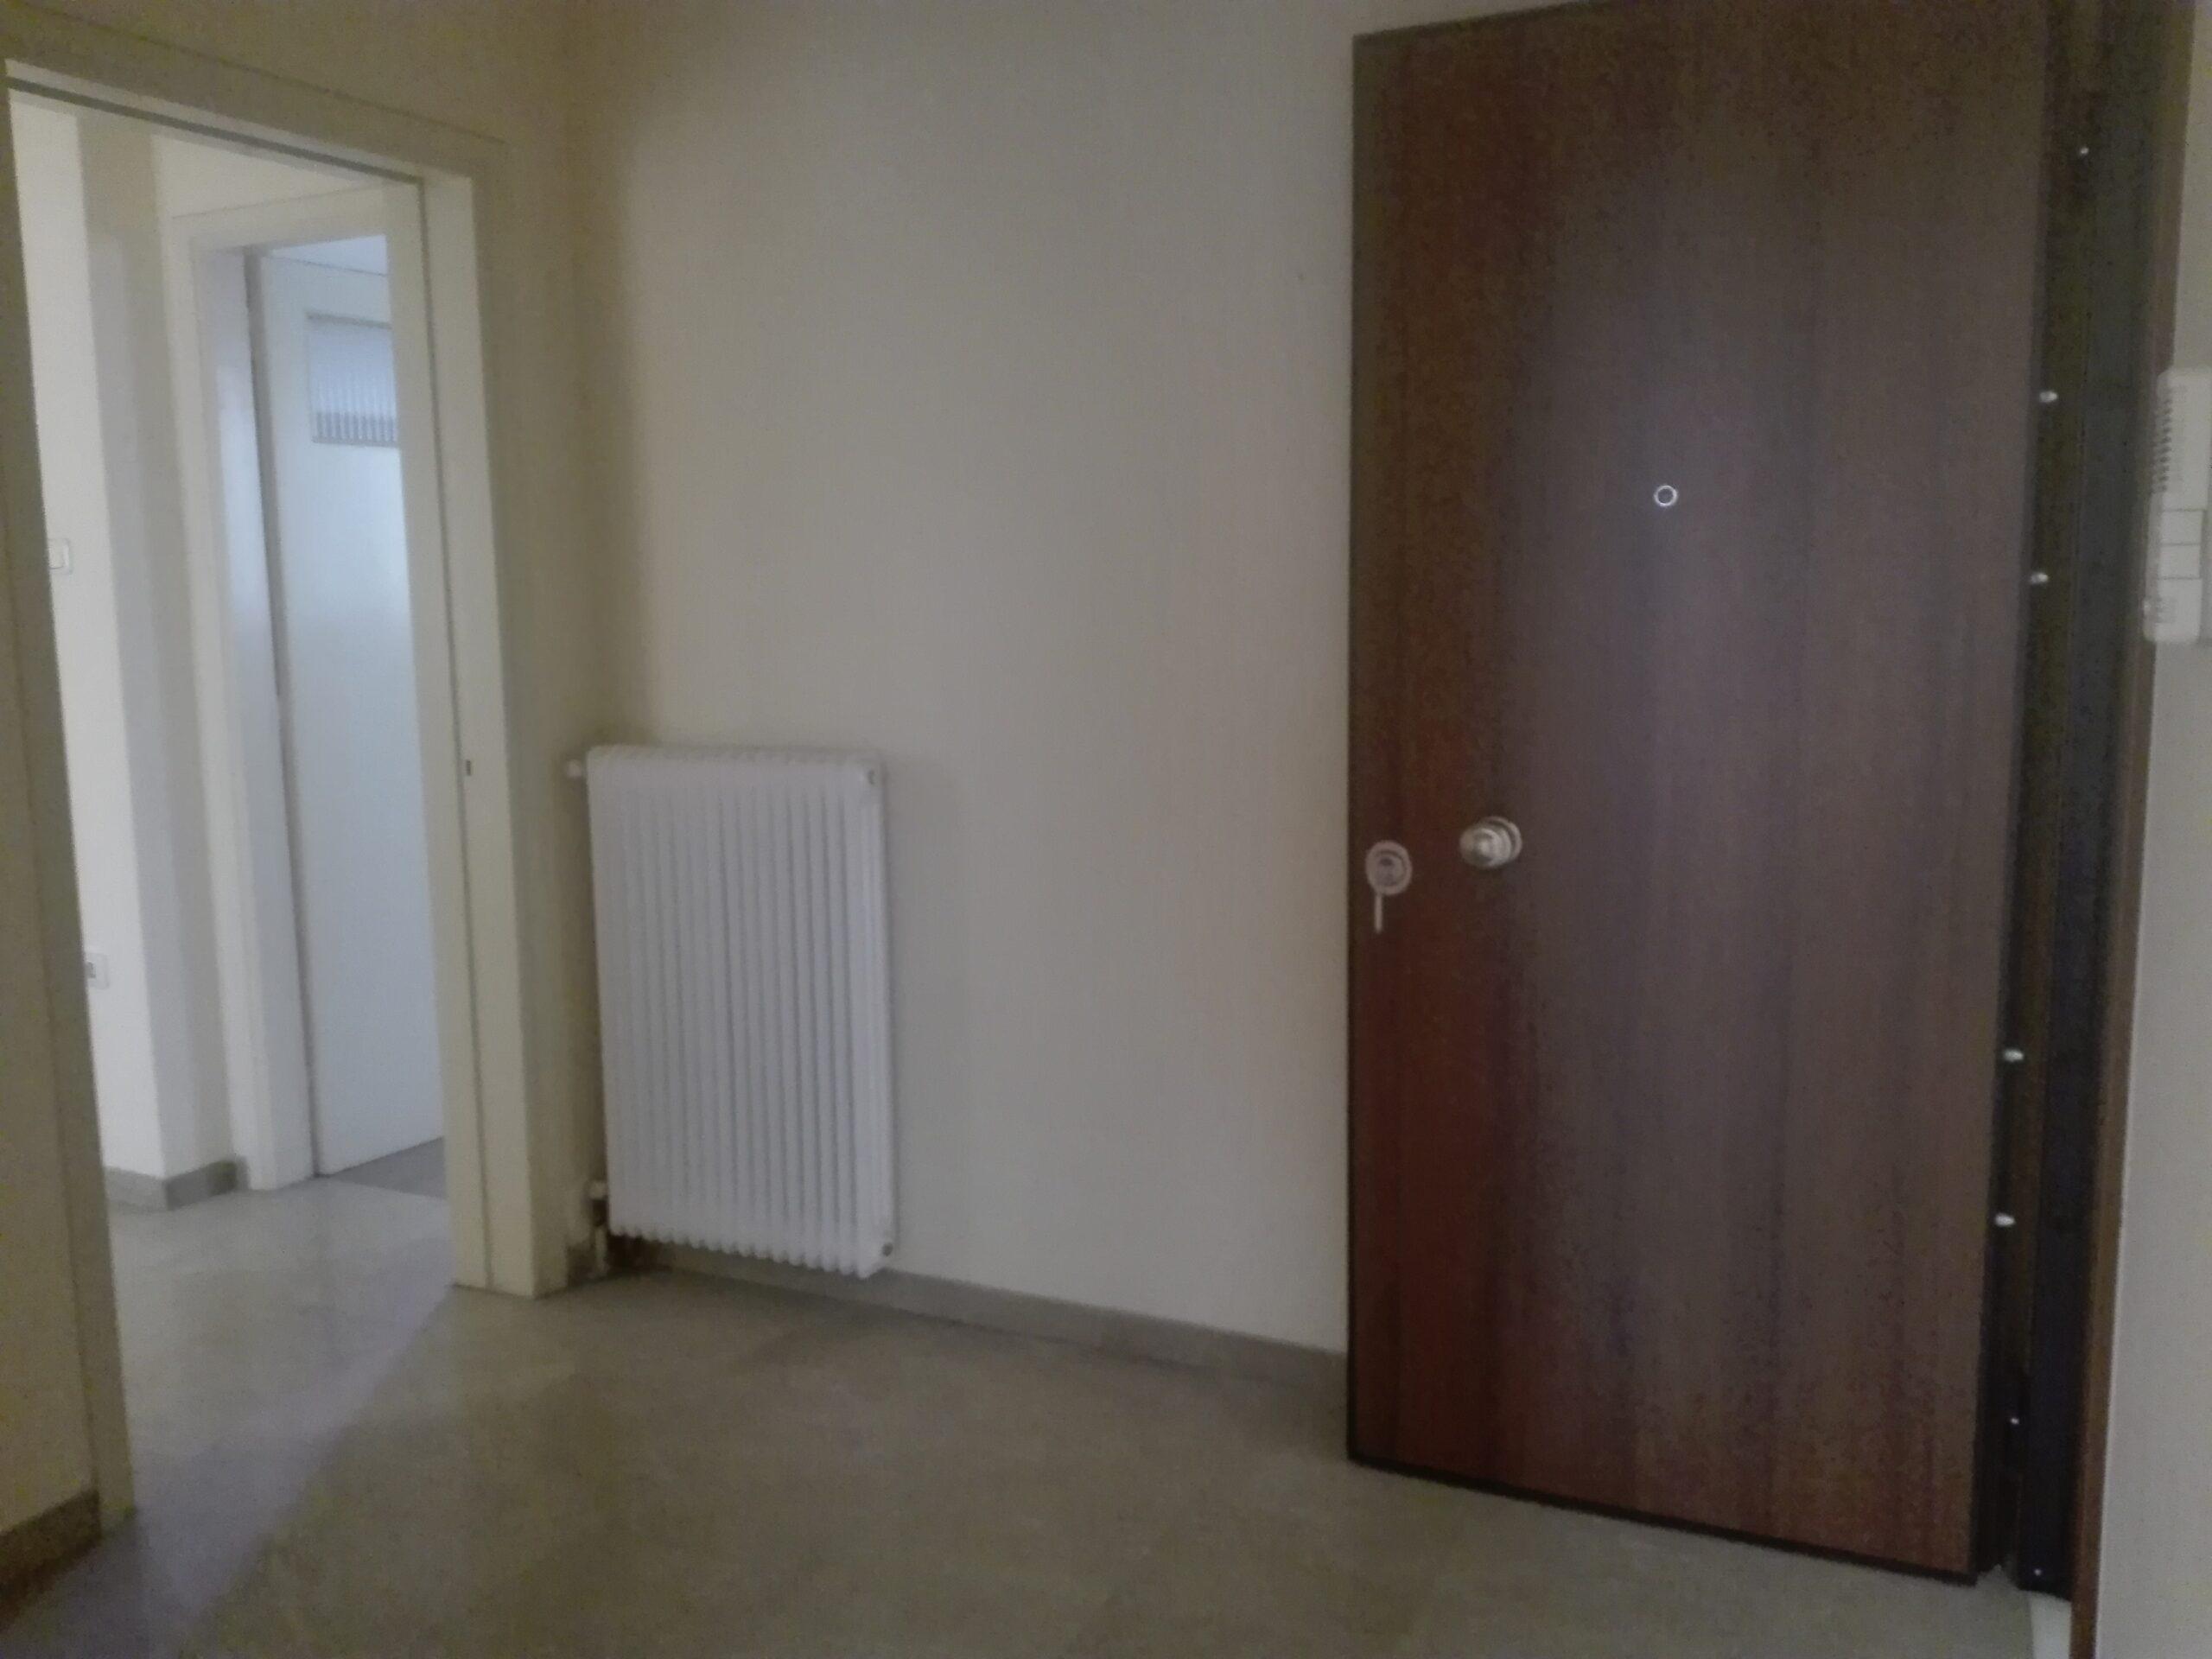 ΕΥΚΑΙΡΙΑ!!! Πωλείται αυτόνομο κτήριο στην Αθήνα 600.000€